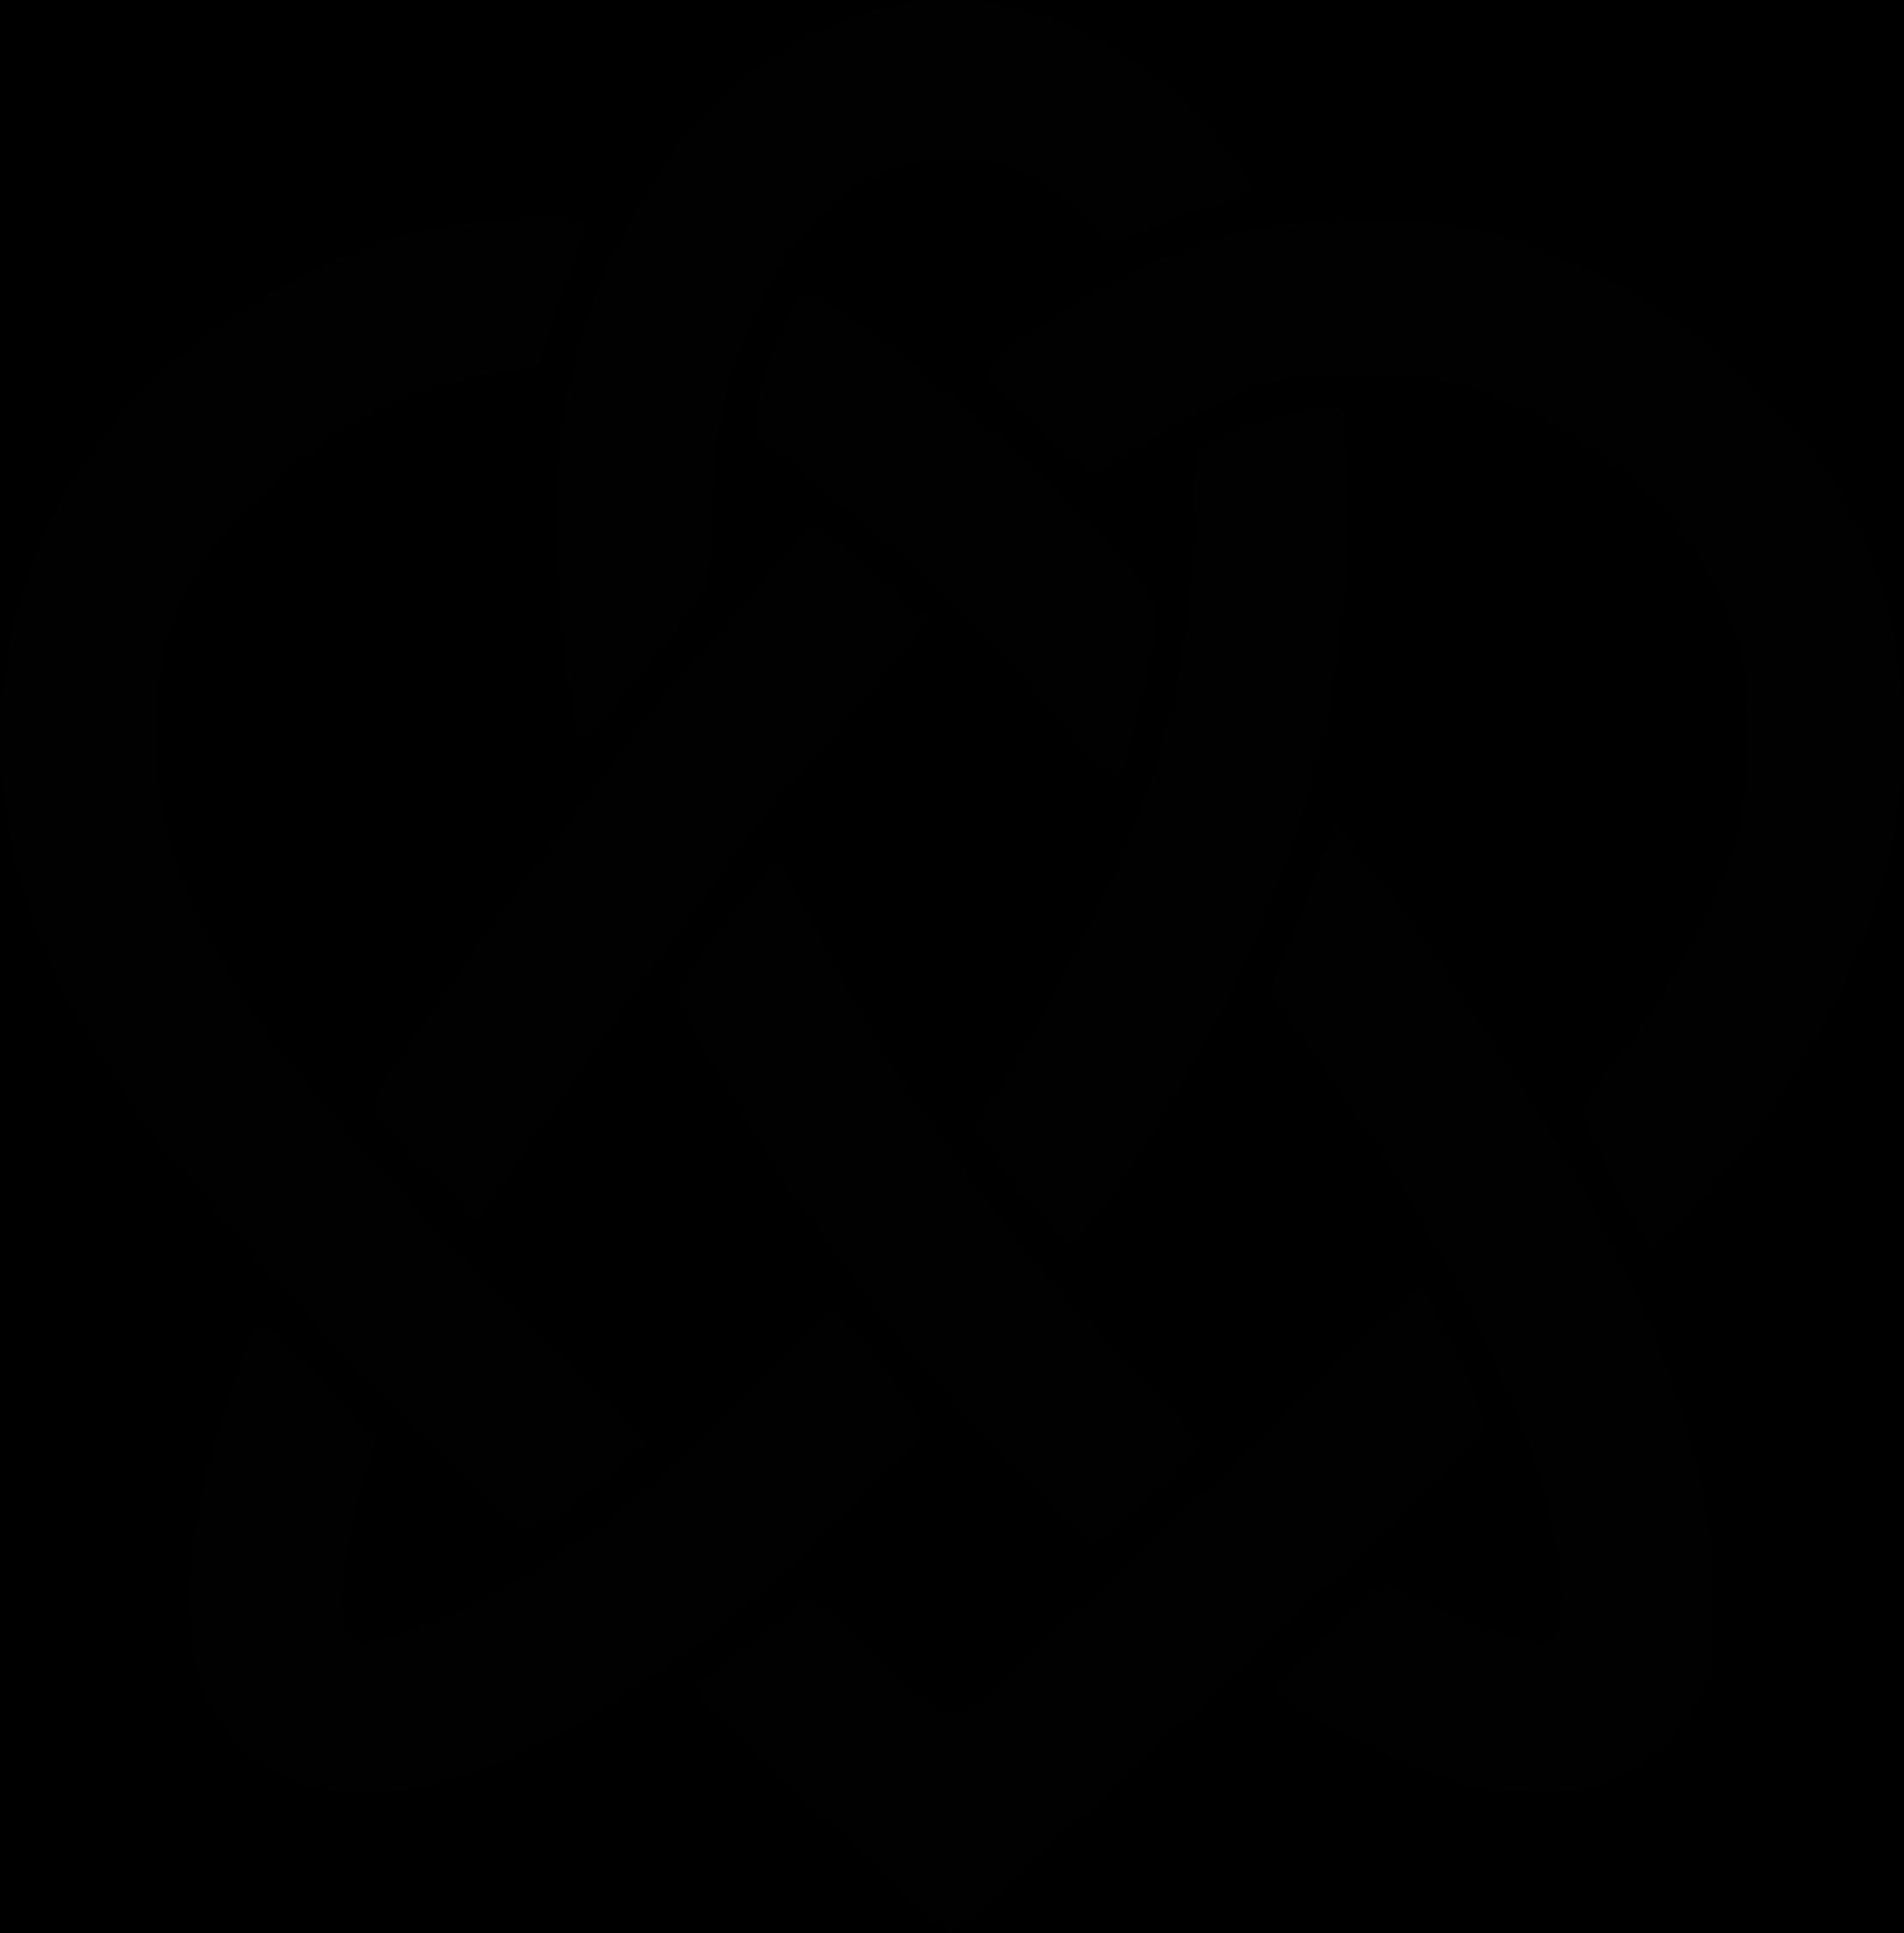 banner free download Celtic clipart celtic symbol. Knot optimized big image.